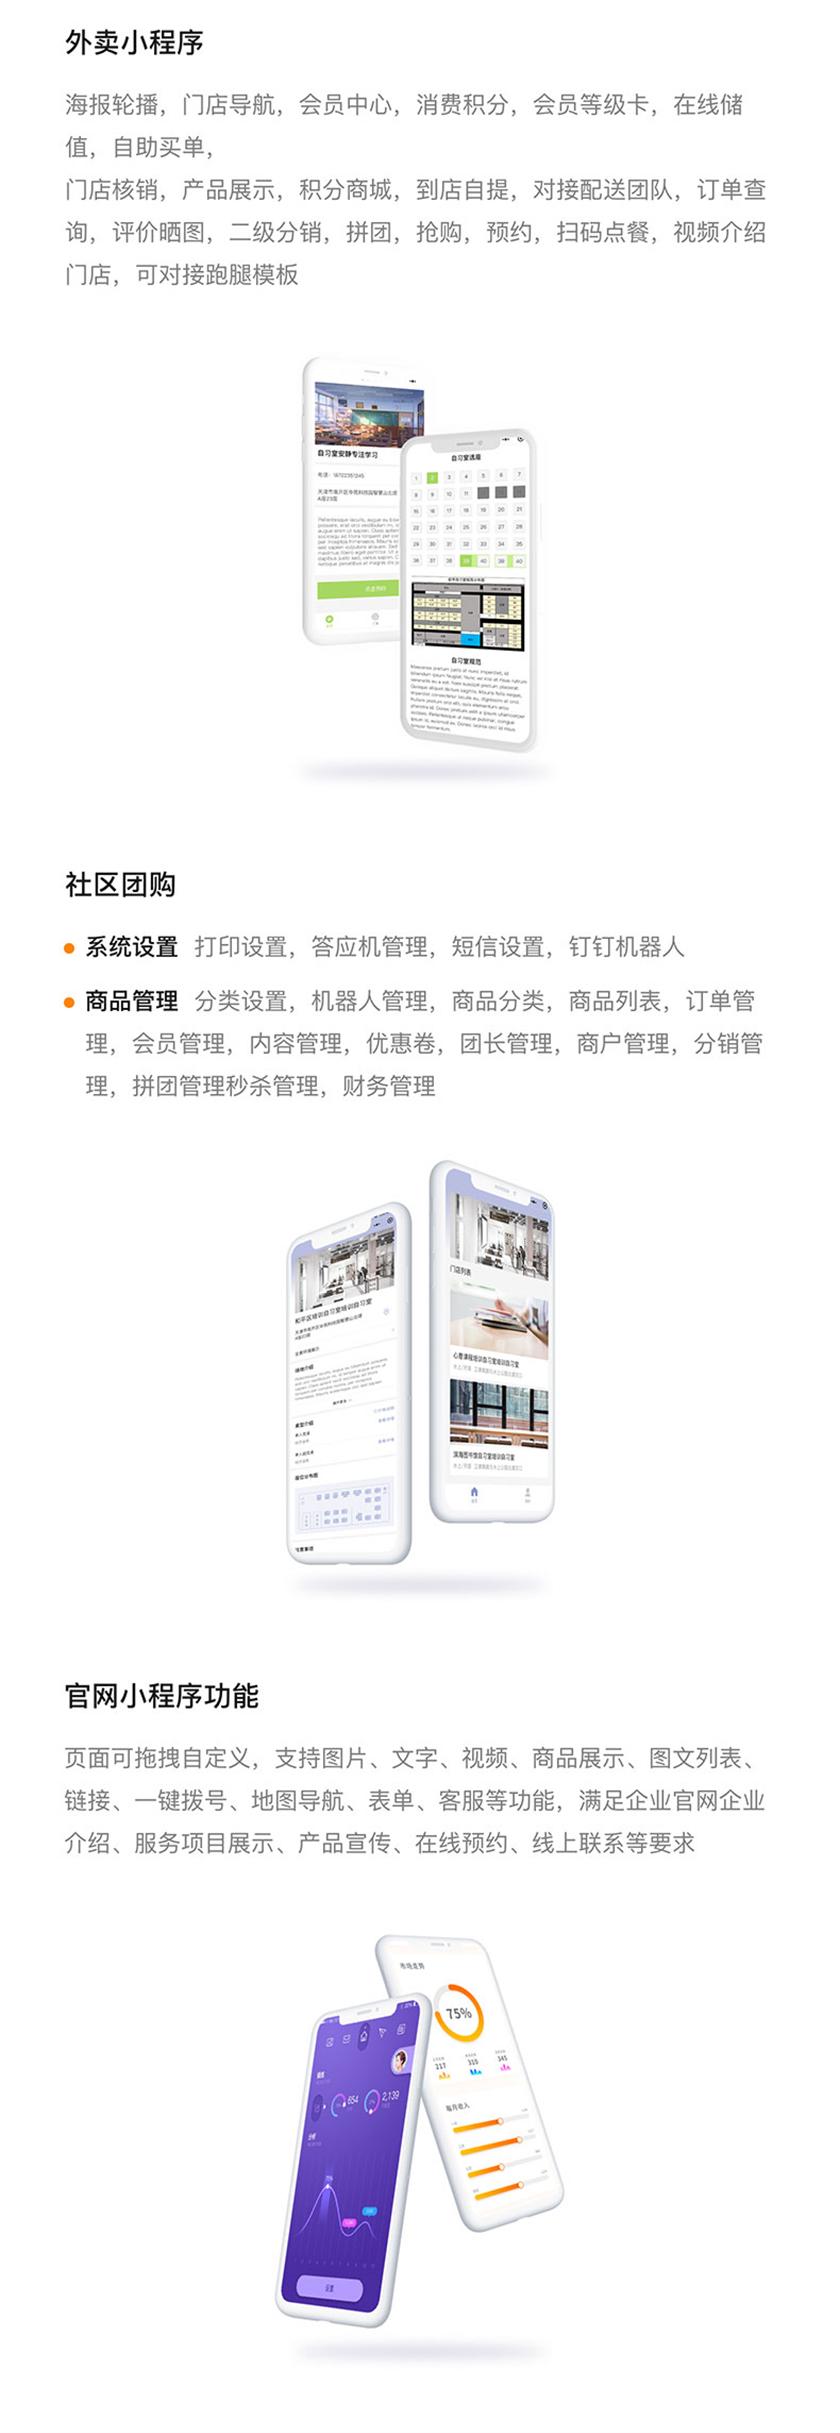 _混合app开发制作解决方案网页面定制移动安卓应用源码论坛系统4